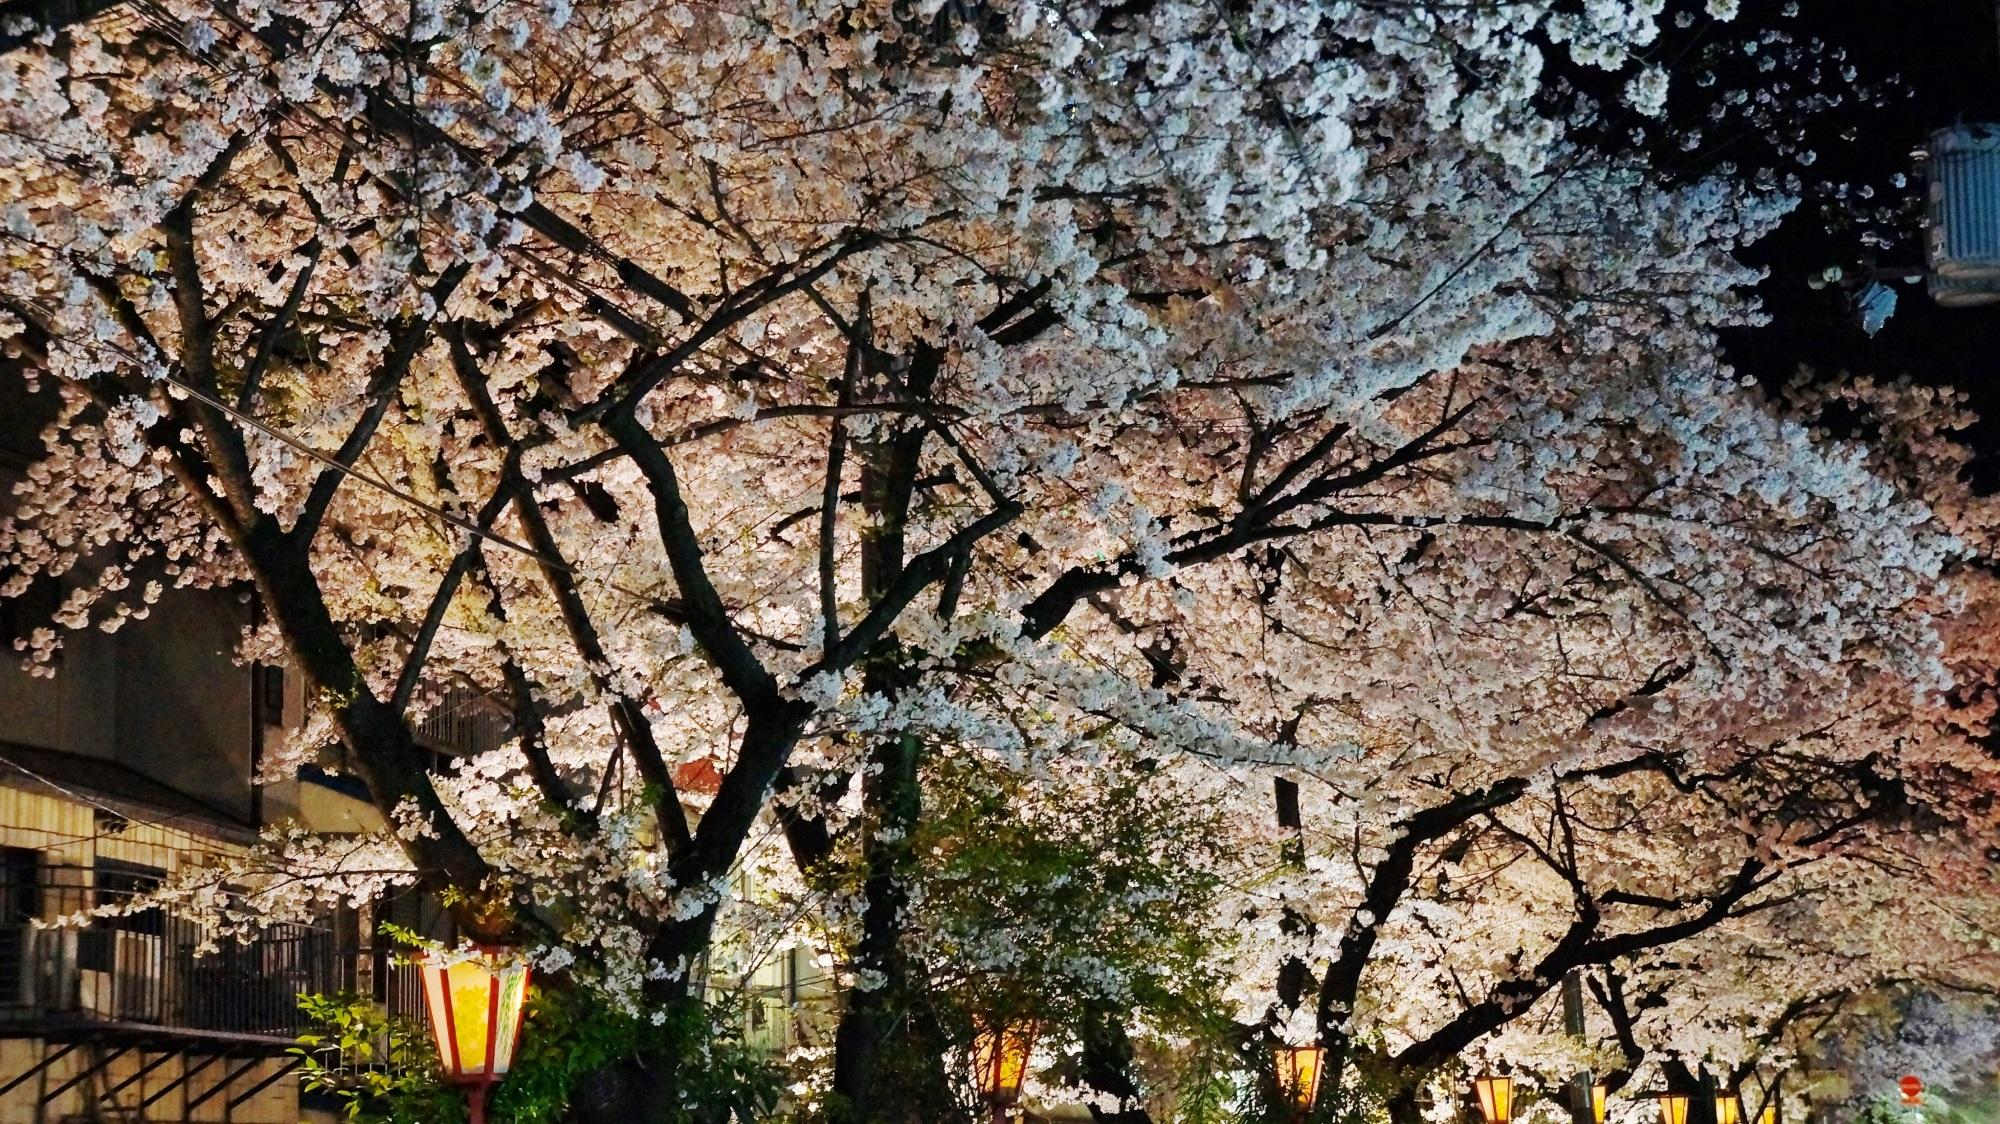 高瀬川と木屋町通 桜 ライトアップ 幻想的な夜桜